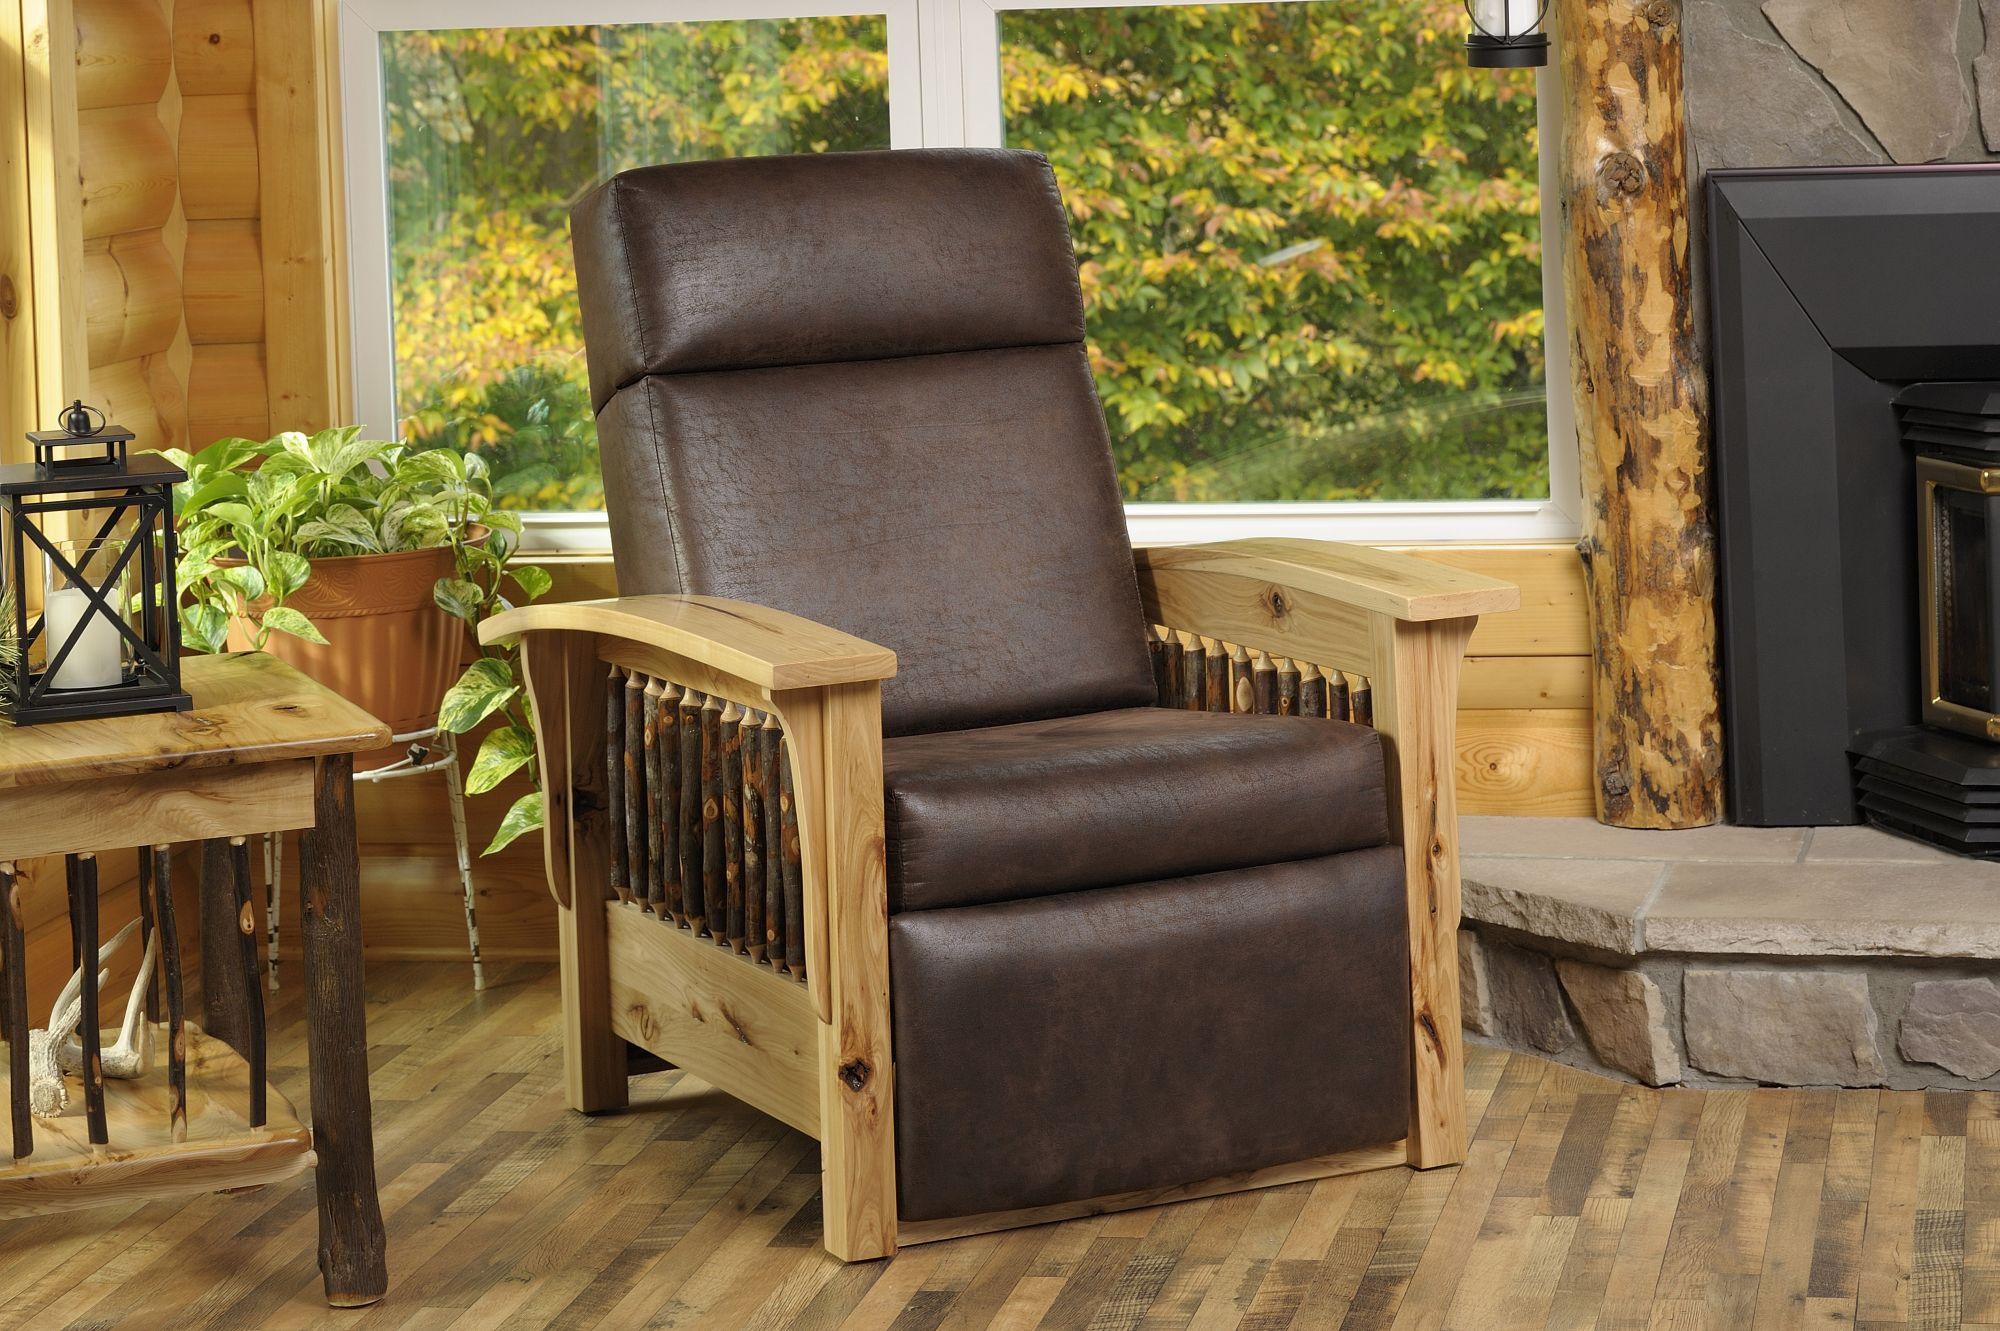 A Quality Furniture